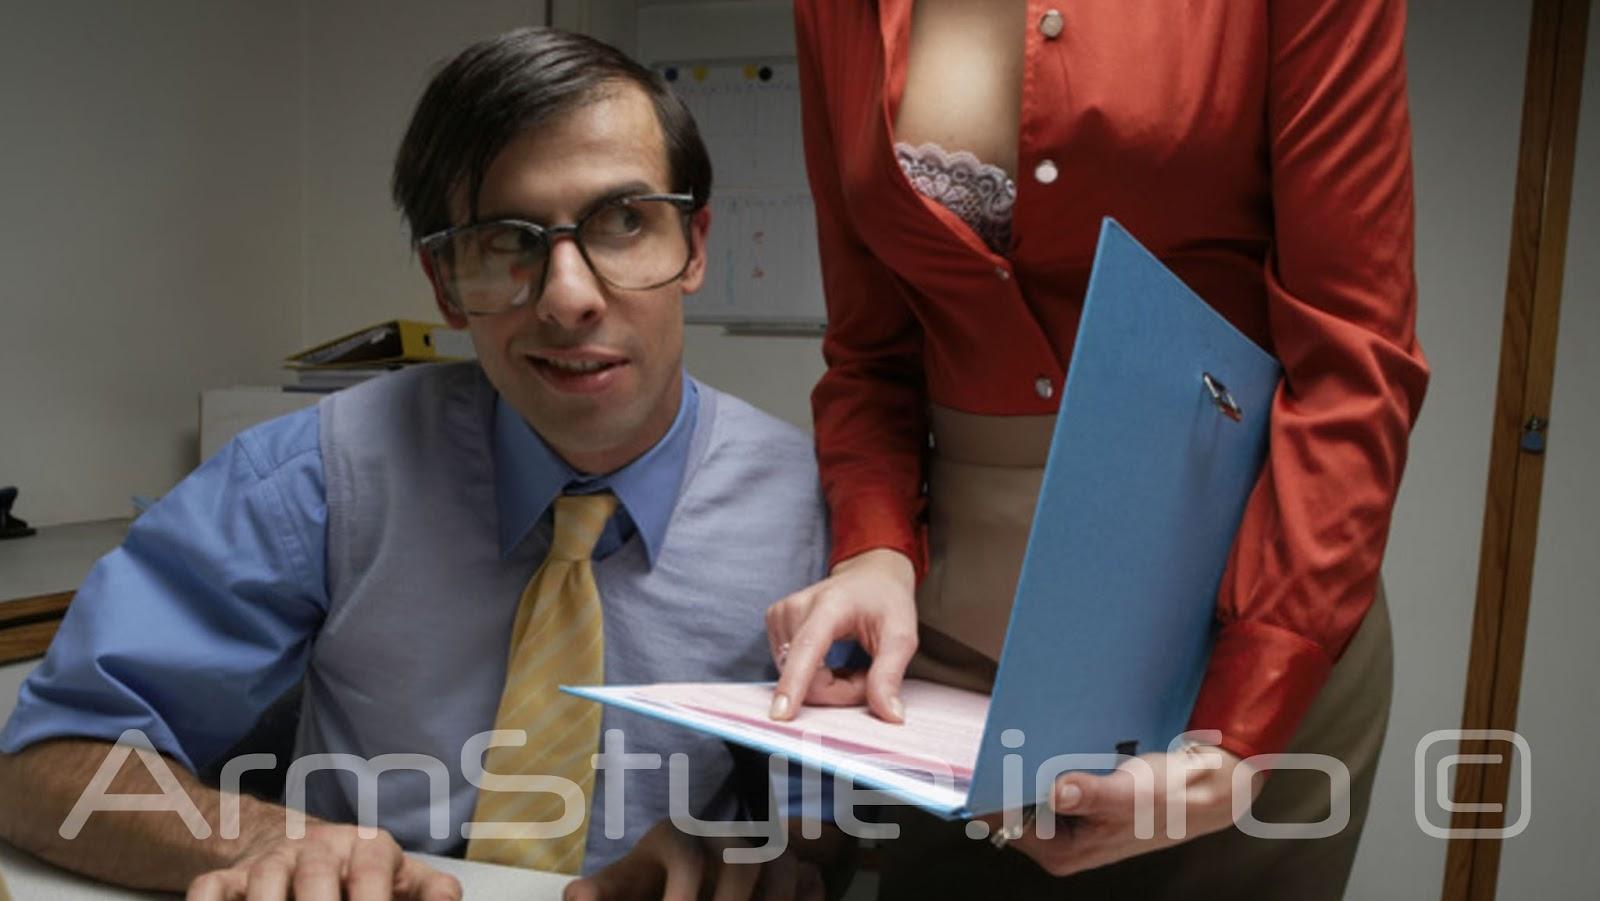 Секс с большими сисками в офисе, В офисе, порно видео в офисе онлайн 12 фотография